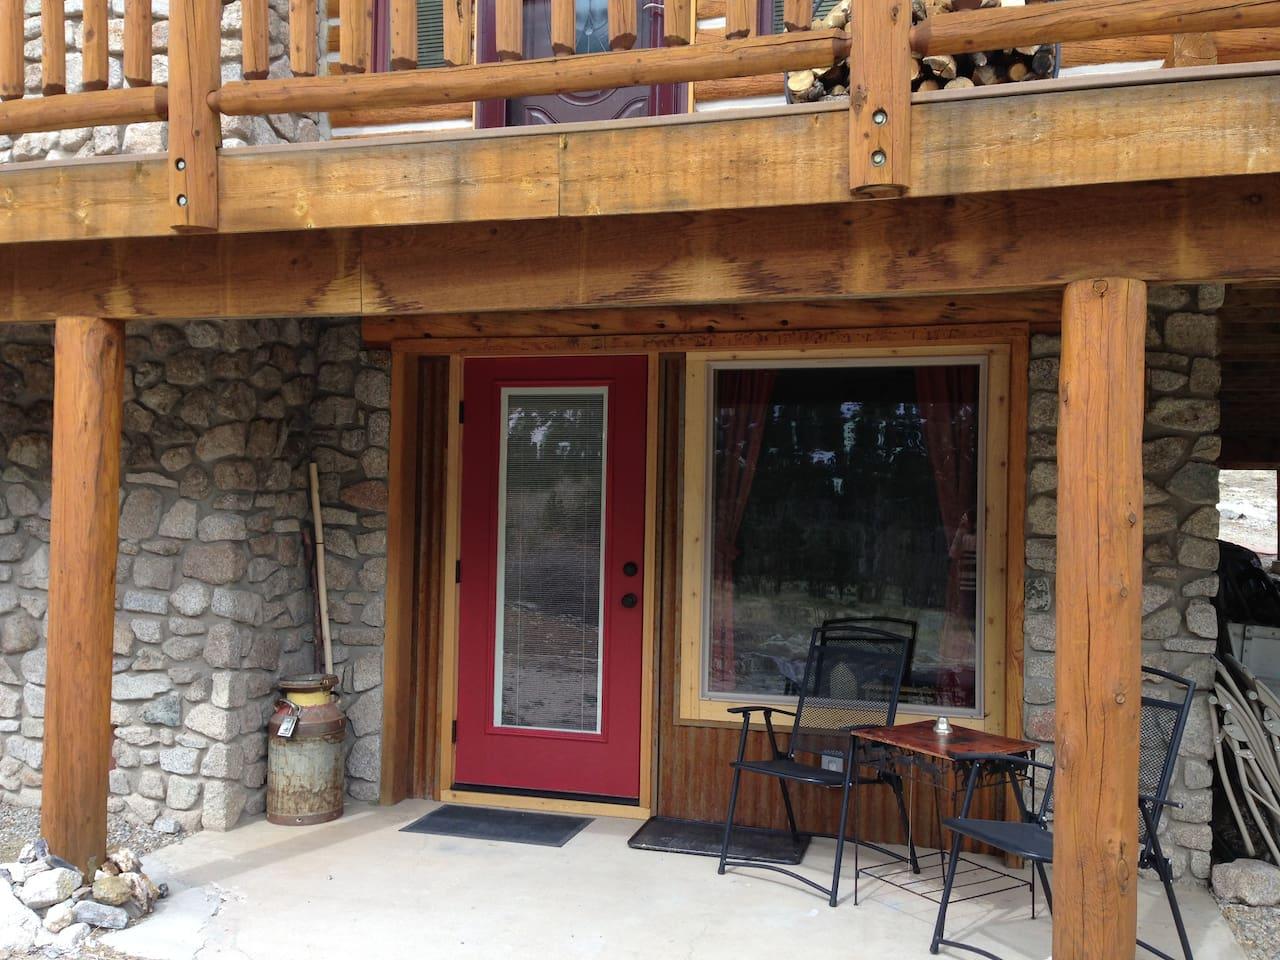 The Antero Garden Inn - Apartments for Rent in Nathrop, Colorado ...